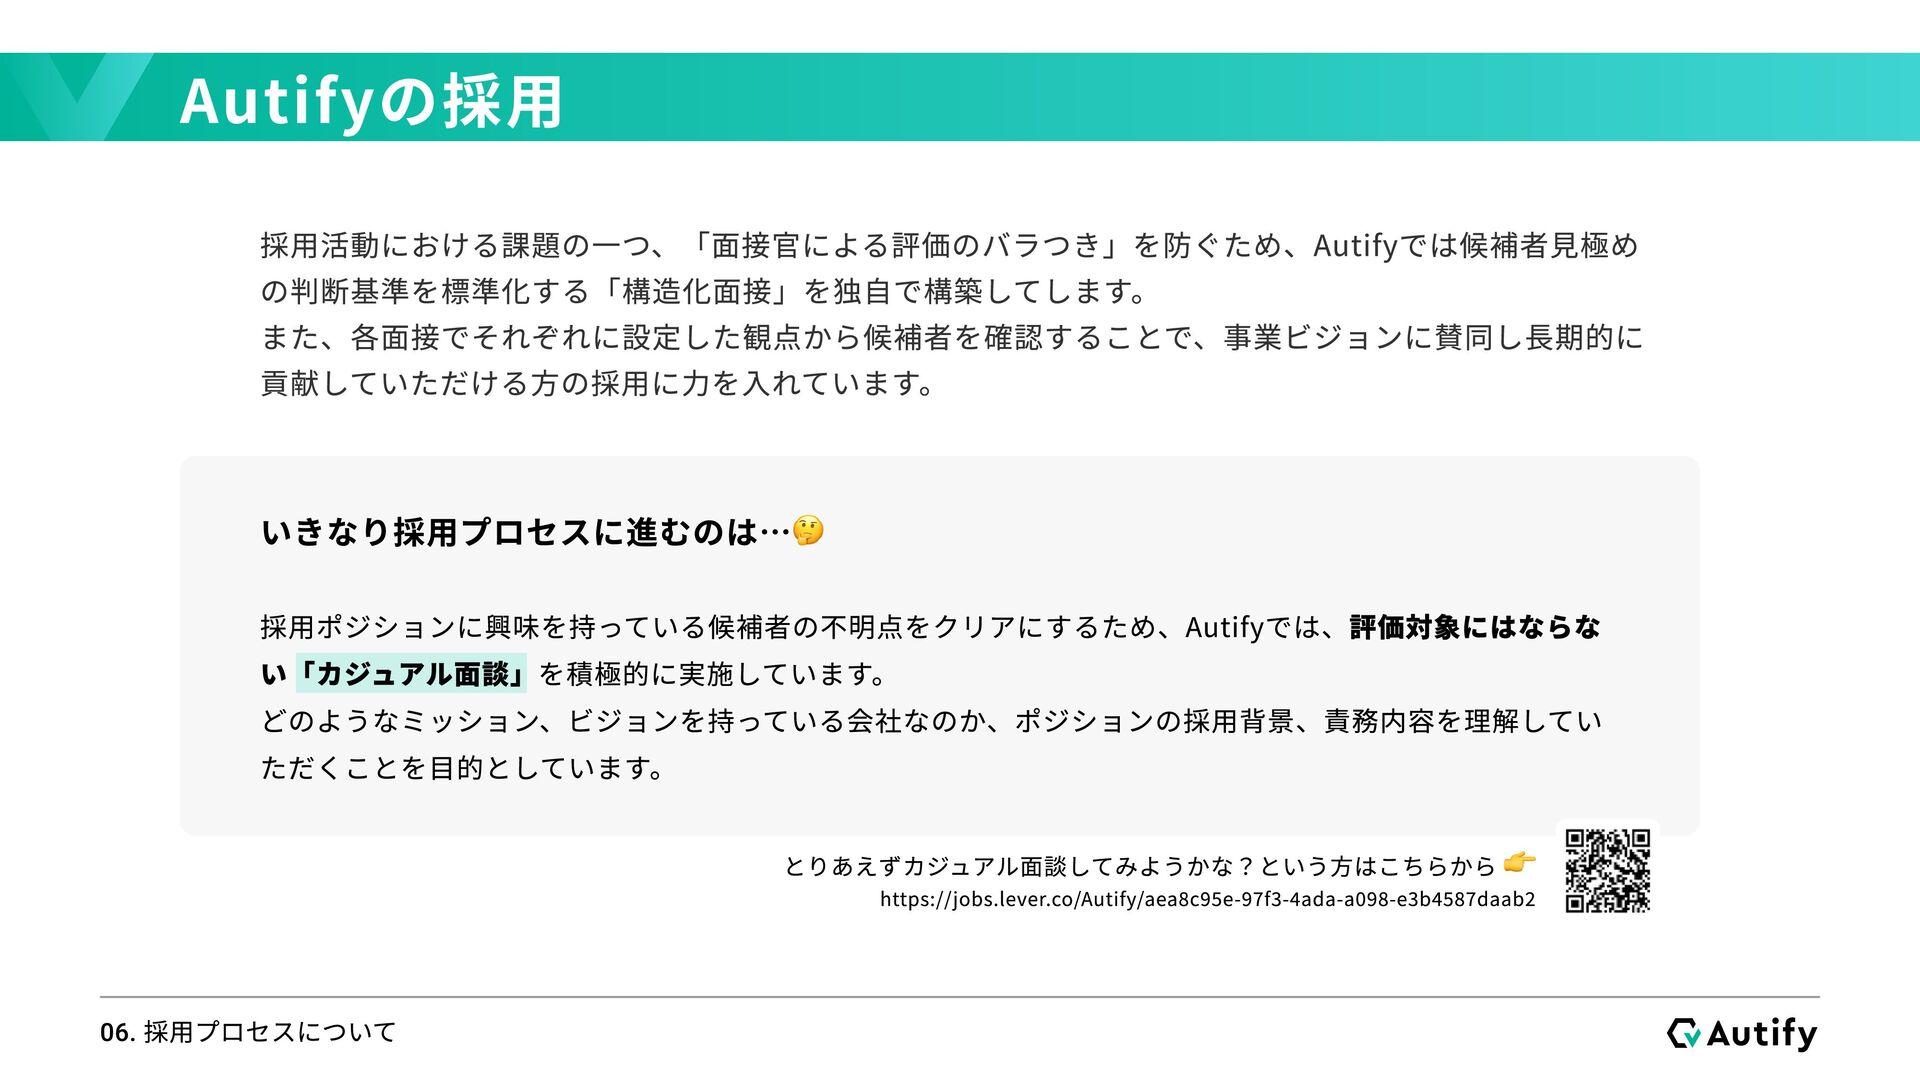 エンジニア職の採用 06. 採用プロセスについて Step1. オンラインコーディングテスト ...